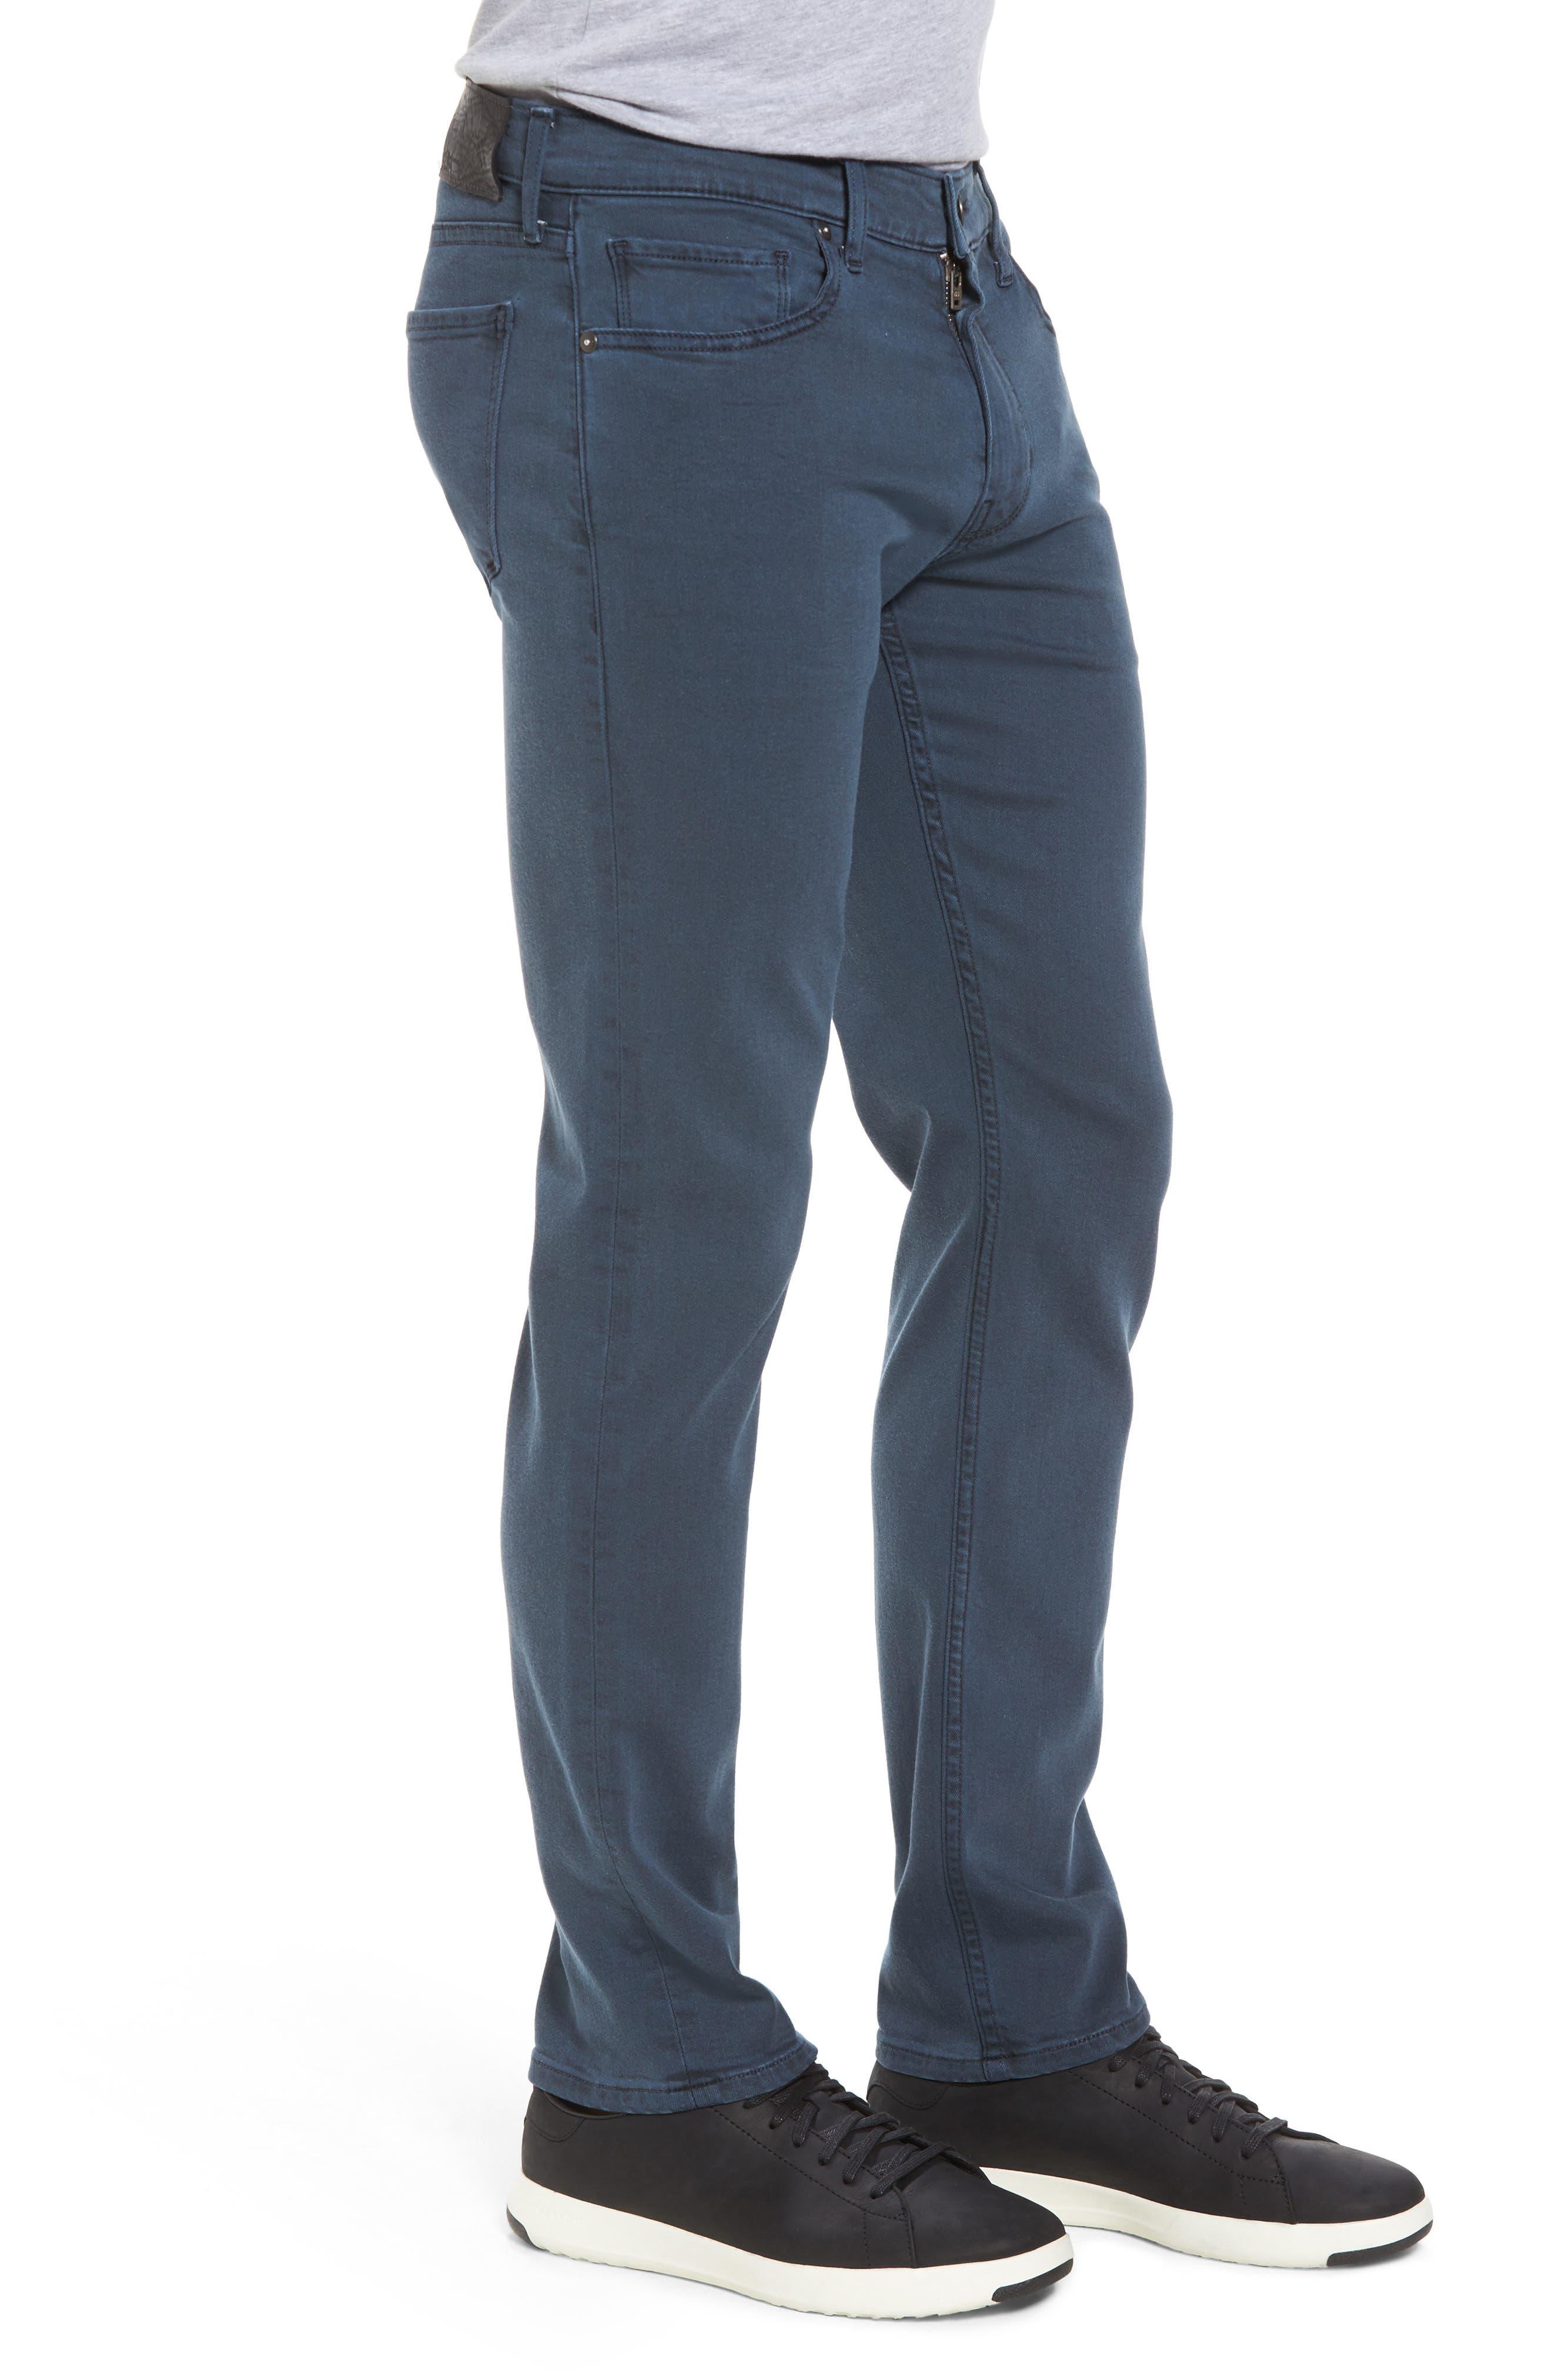 PAIGE, Lennox Slim Fit Jeans, Alternate thumbnail 3, color, 400